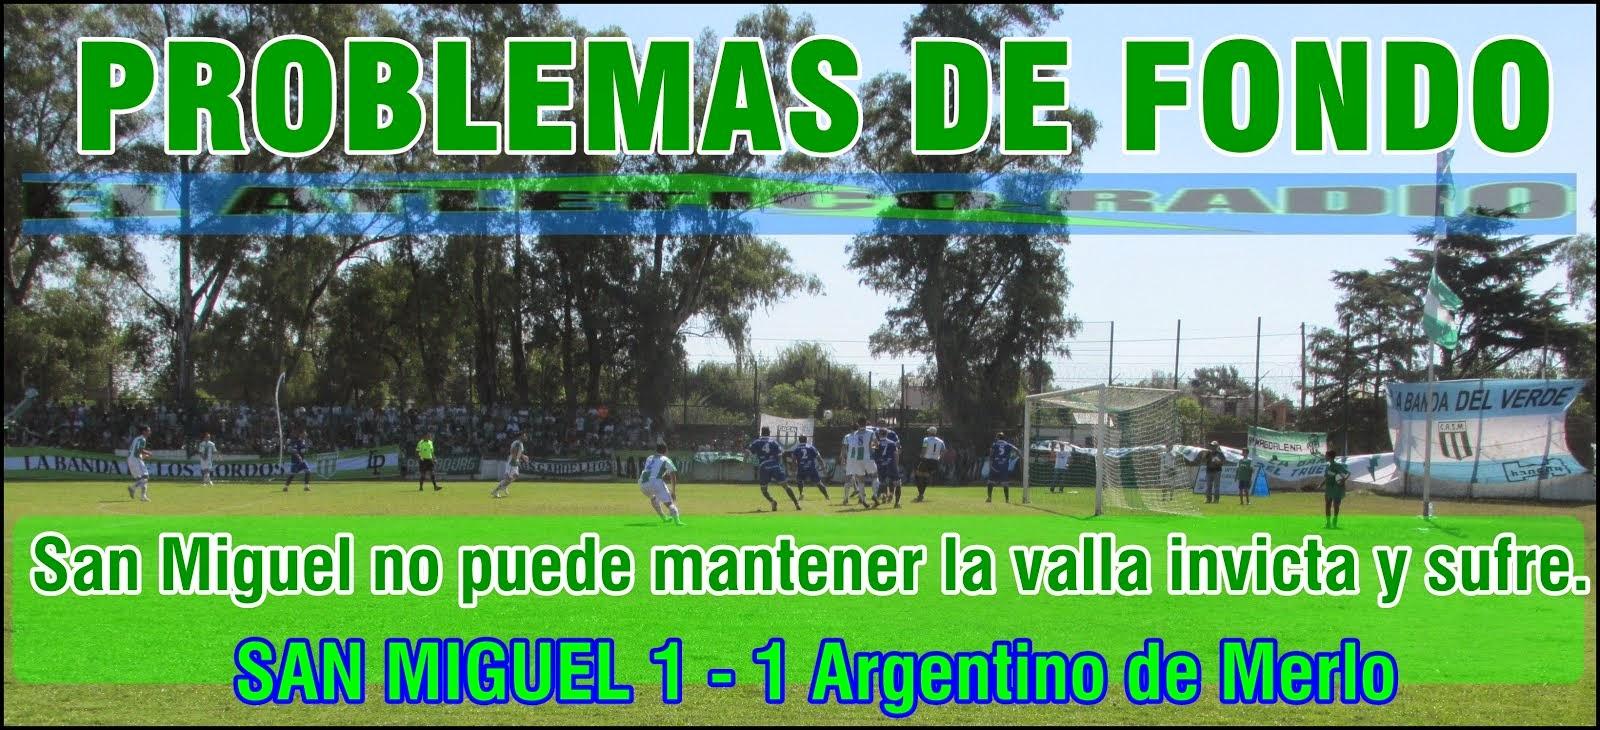 F8 / SAN MIGUEL 1-1 ArgentinoM